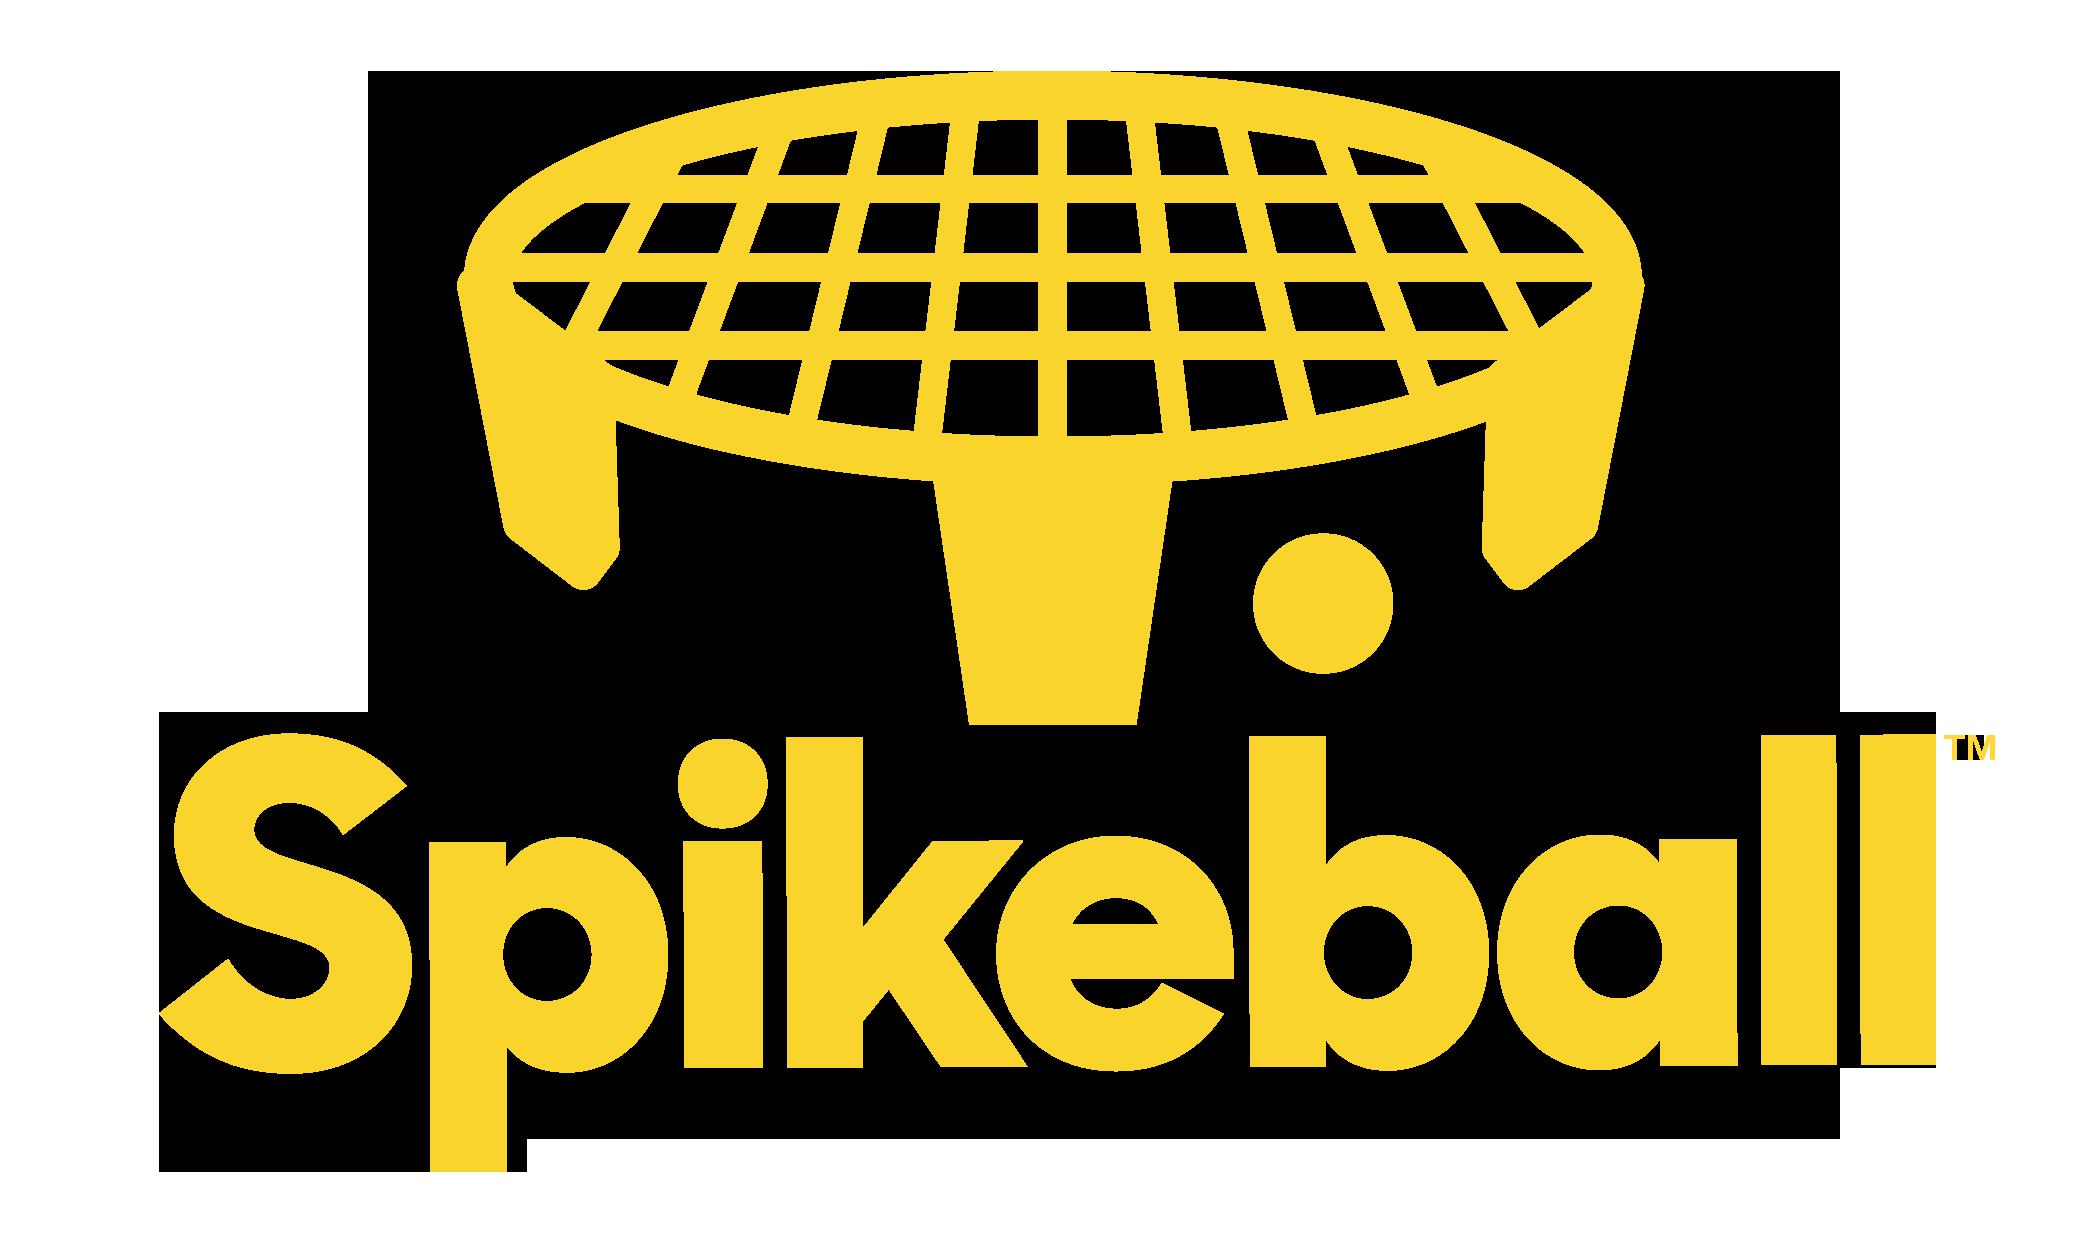 Spikeball.com